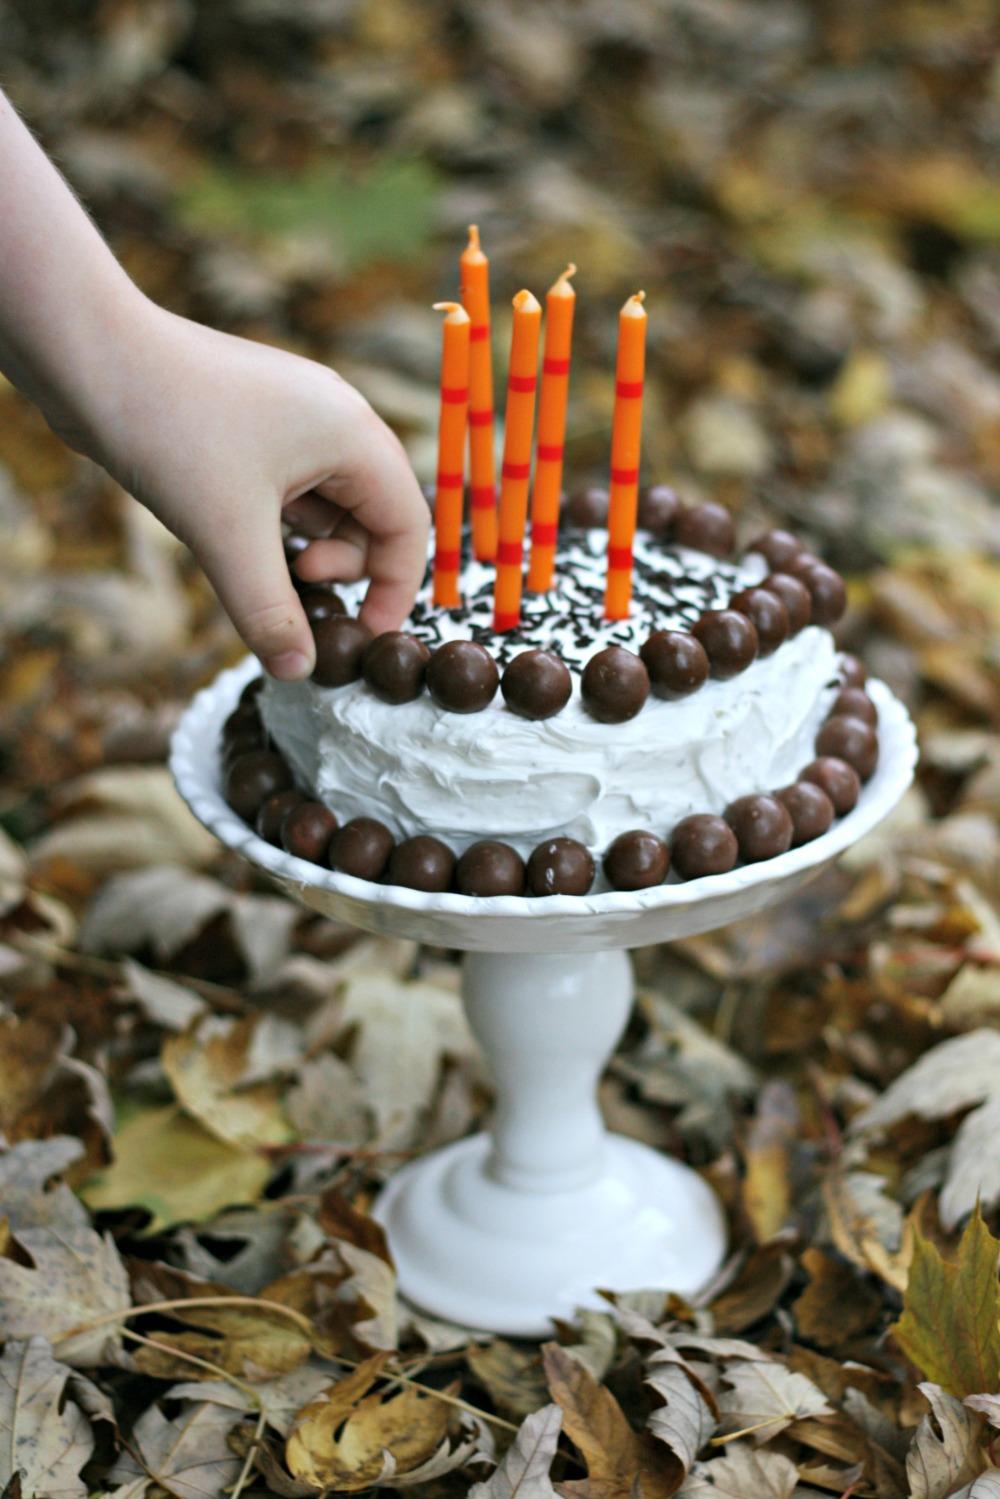 Steves birthday cake